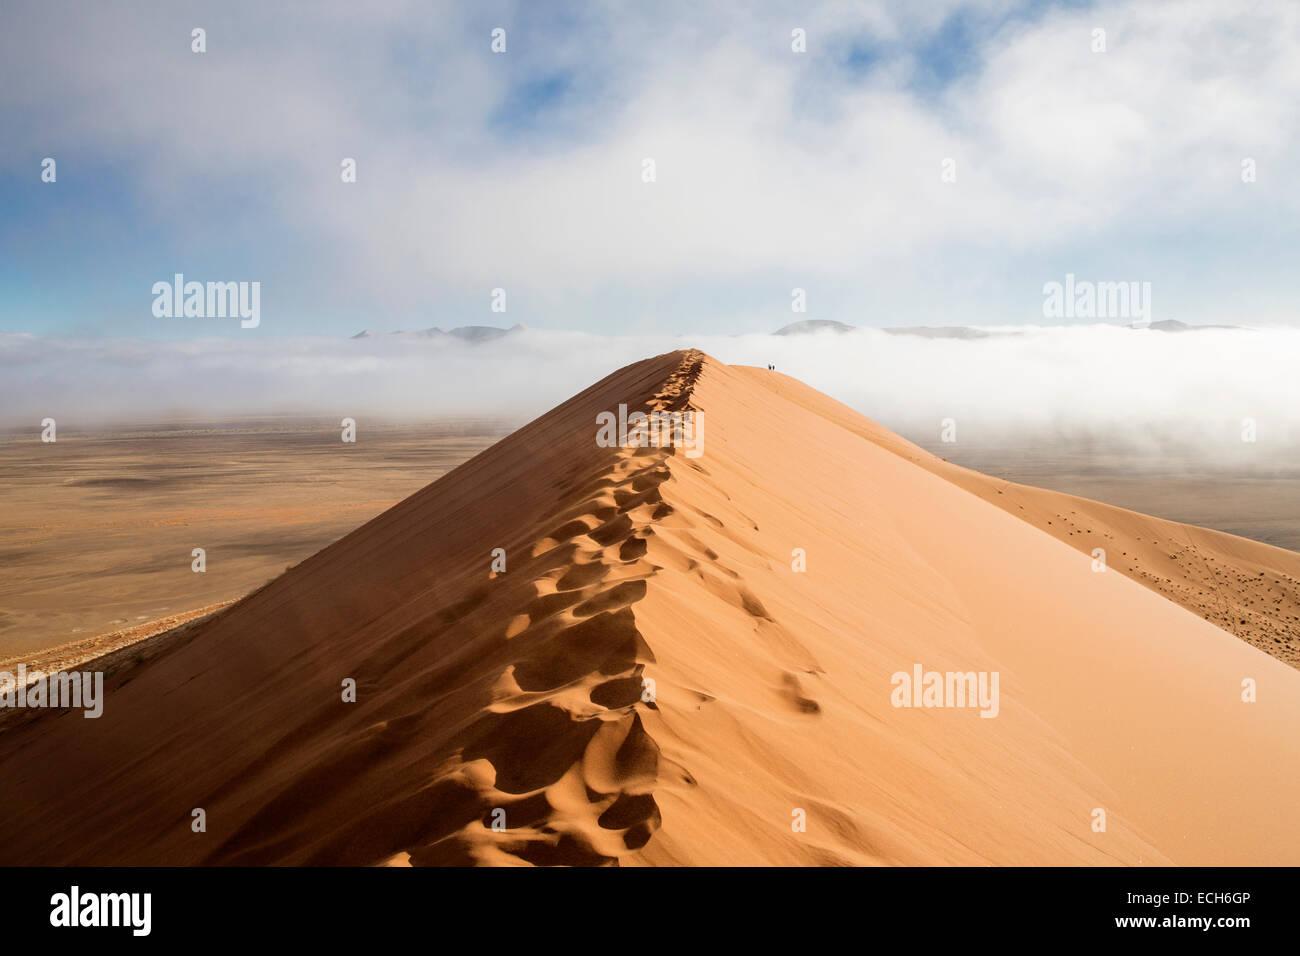 Dune 45 with morning fog, sand dunes, Sossusvlei, Namib Desert, Namibia Stock Photo